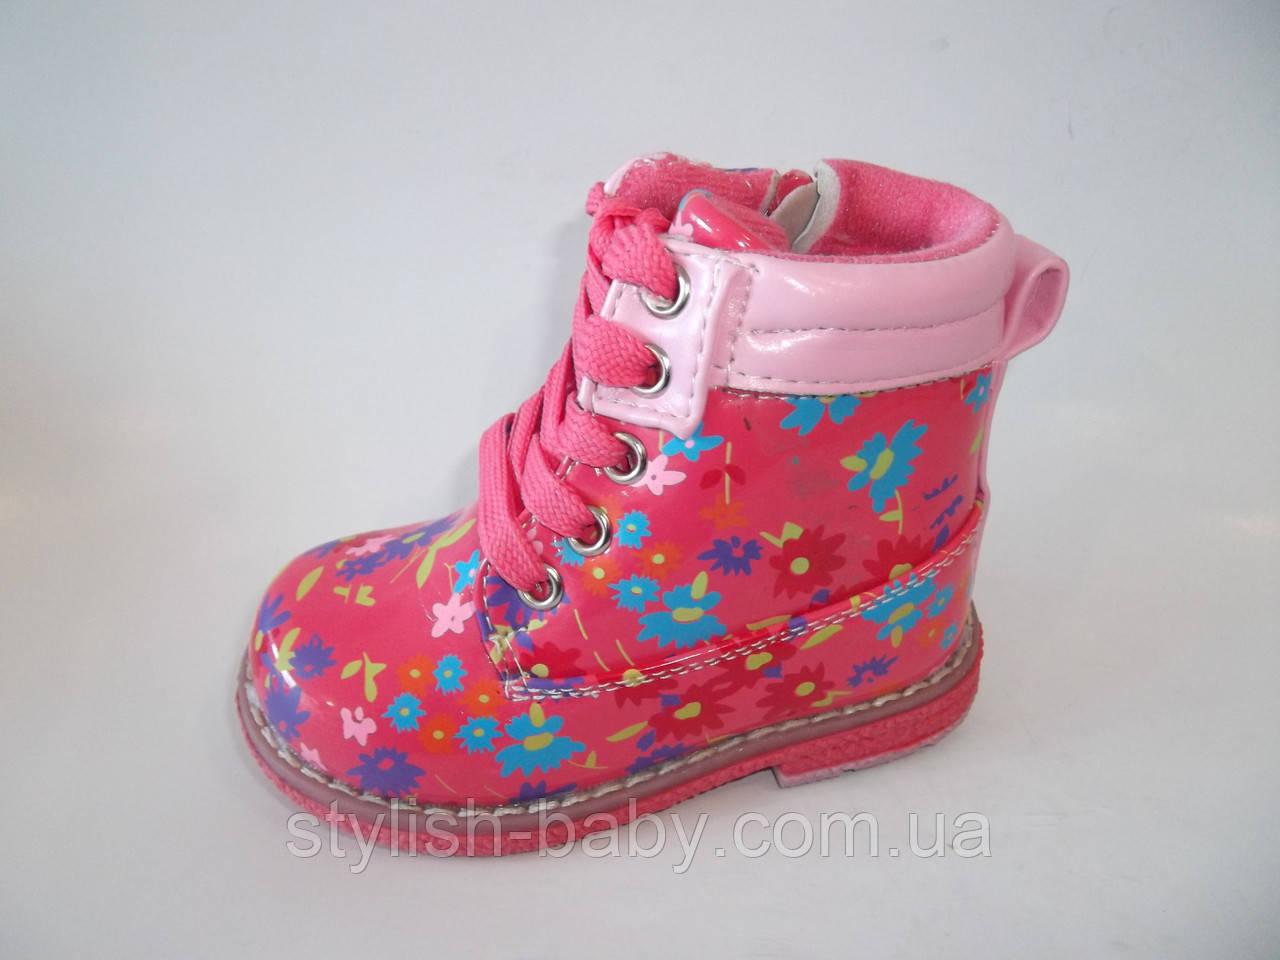 Детская демисезонная обувь ТМ. Y.TOP для девочек (разм. с 22 по 27)